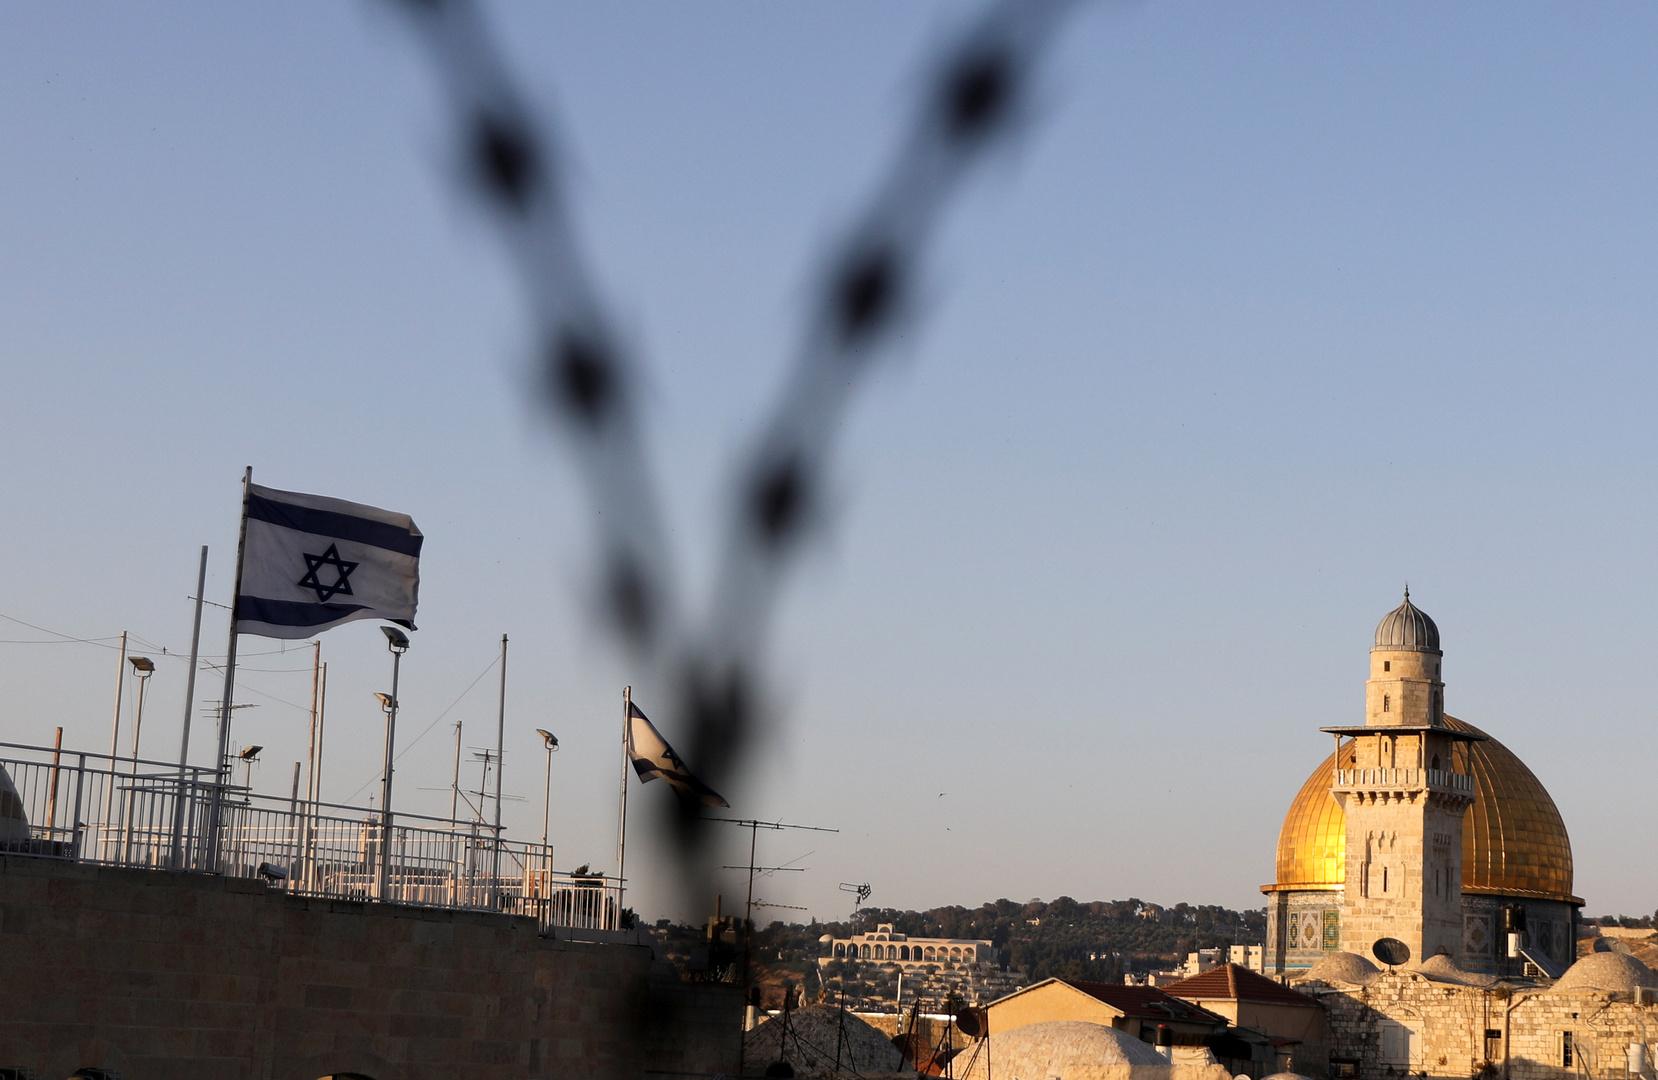 حجر أعضاء في حكومة إسرائيل صحيا بعد إصابة وزير بكورونا